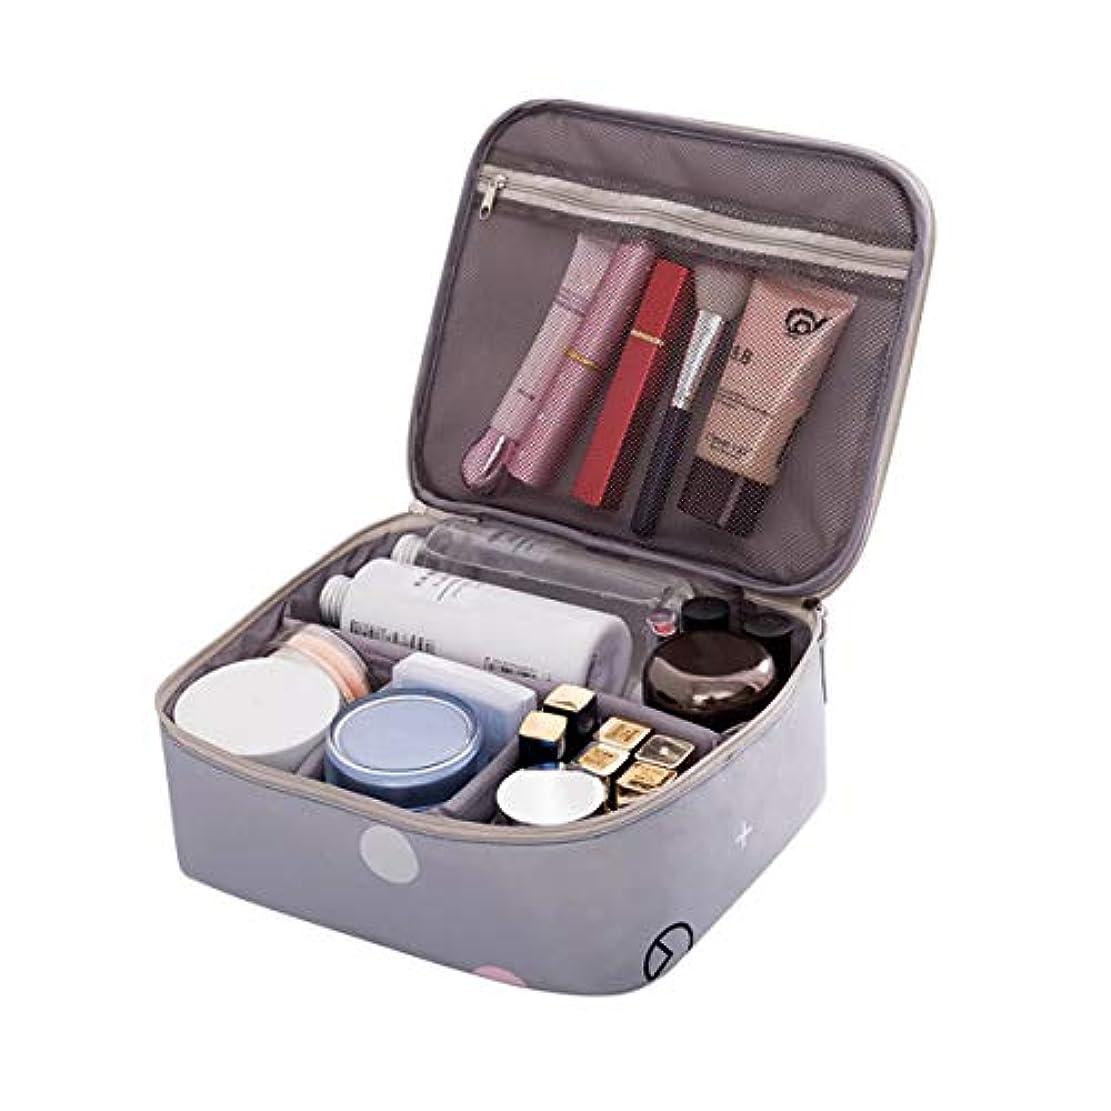 騒乱うがい幻想Coolzon化粧ポーチ 防水 機能的 大容量 化粧バッグ 軽量 化粧品収納 メイクボックス 折畳式 可愛い 旅行 出張( グレー)